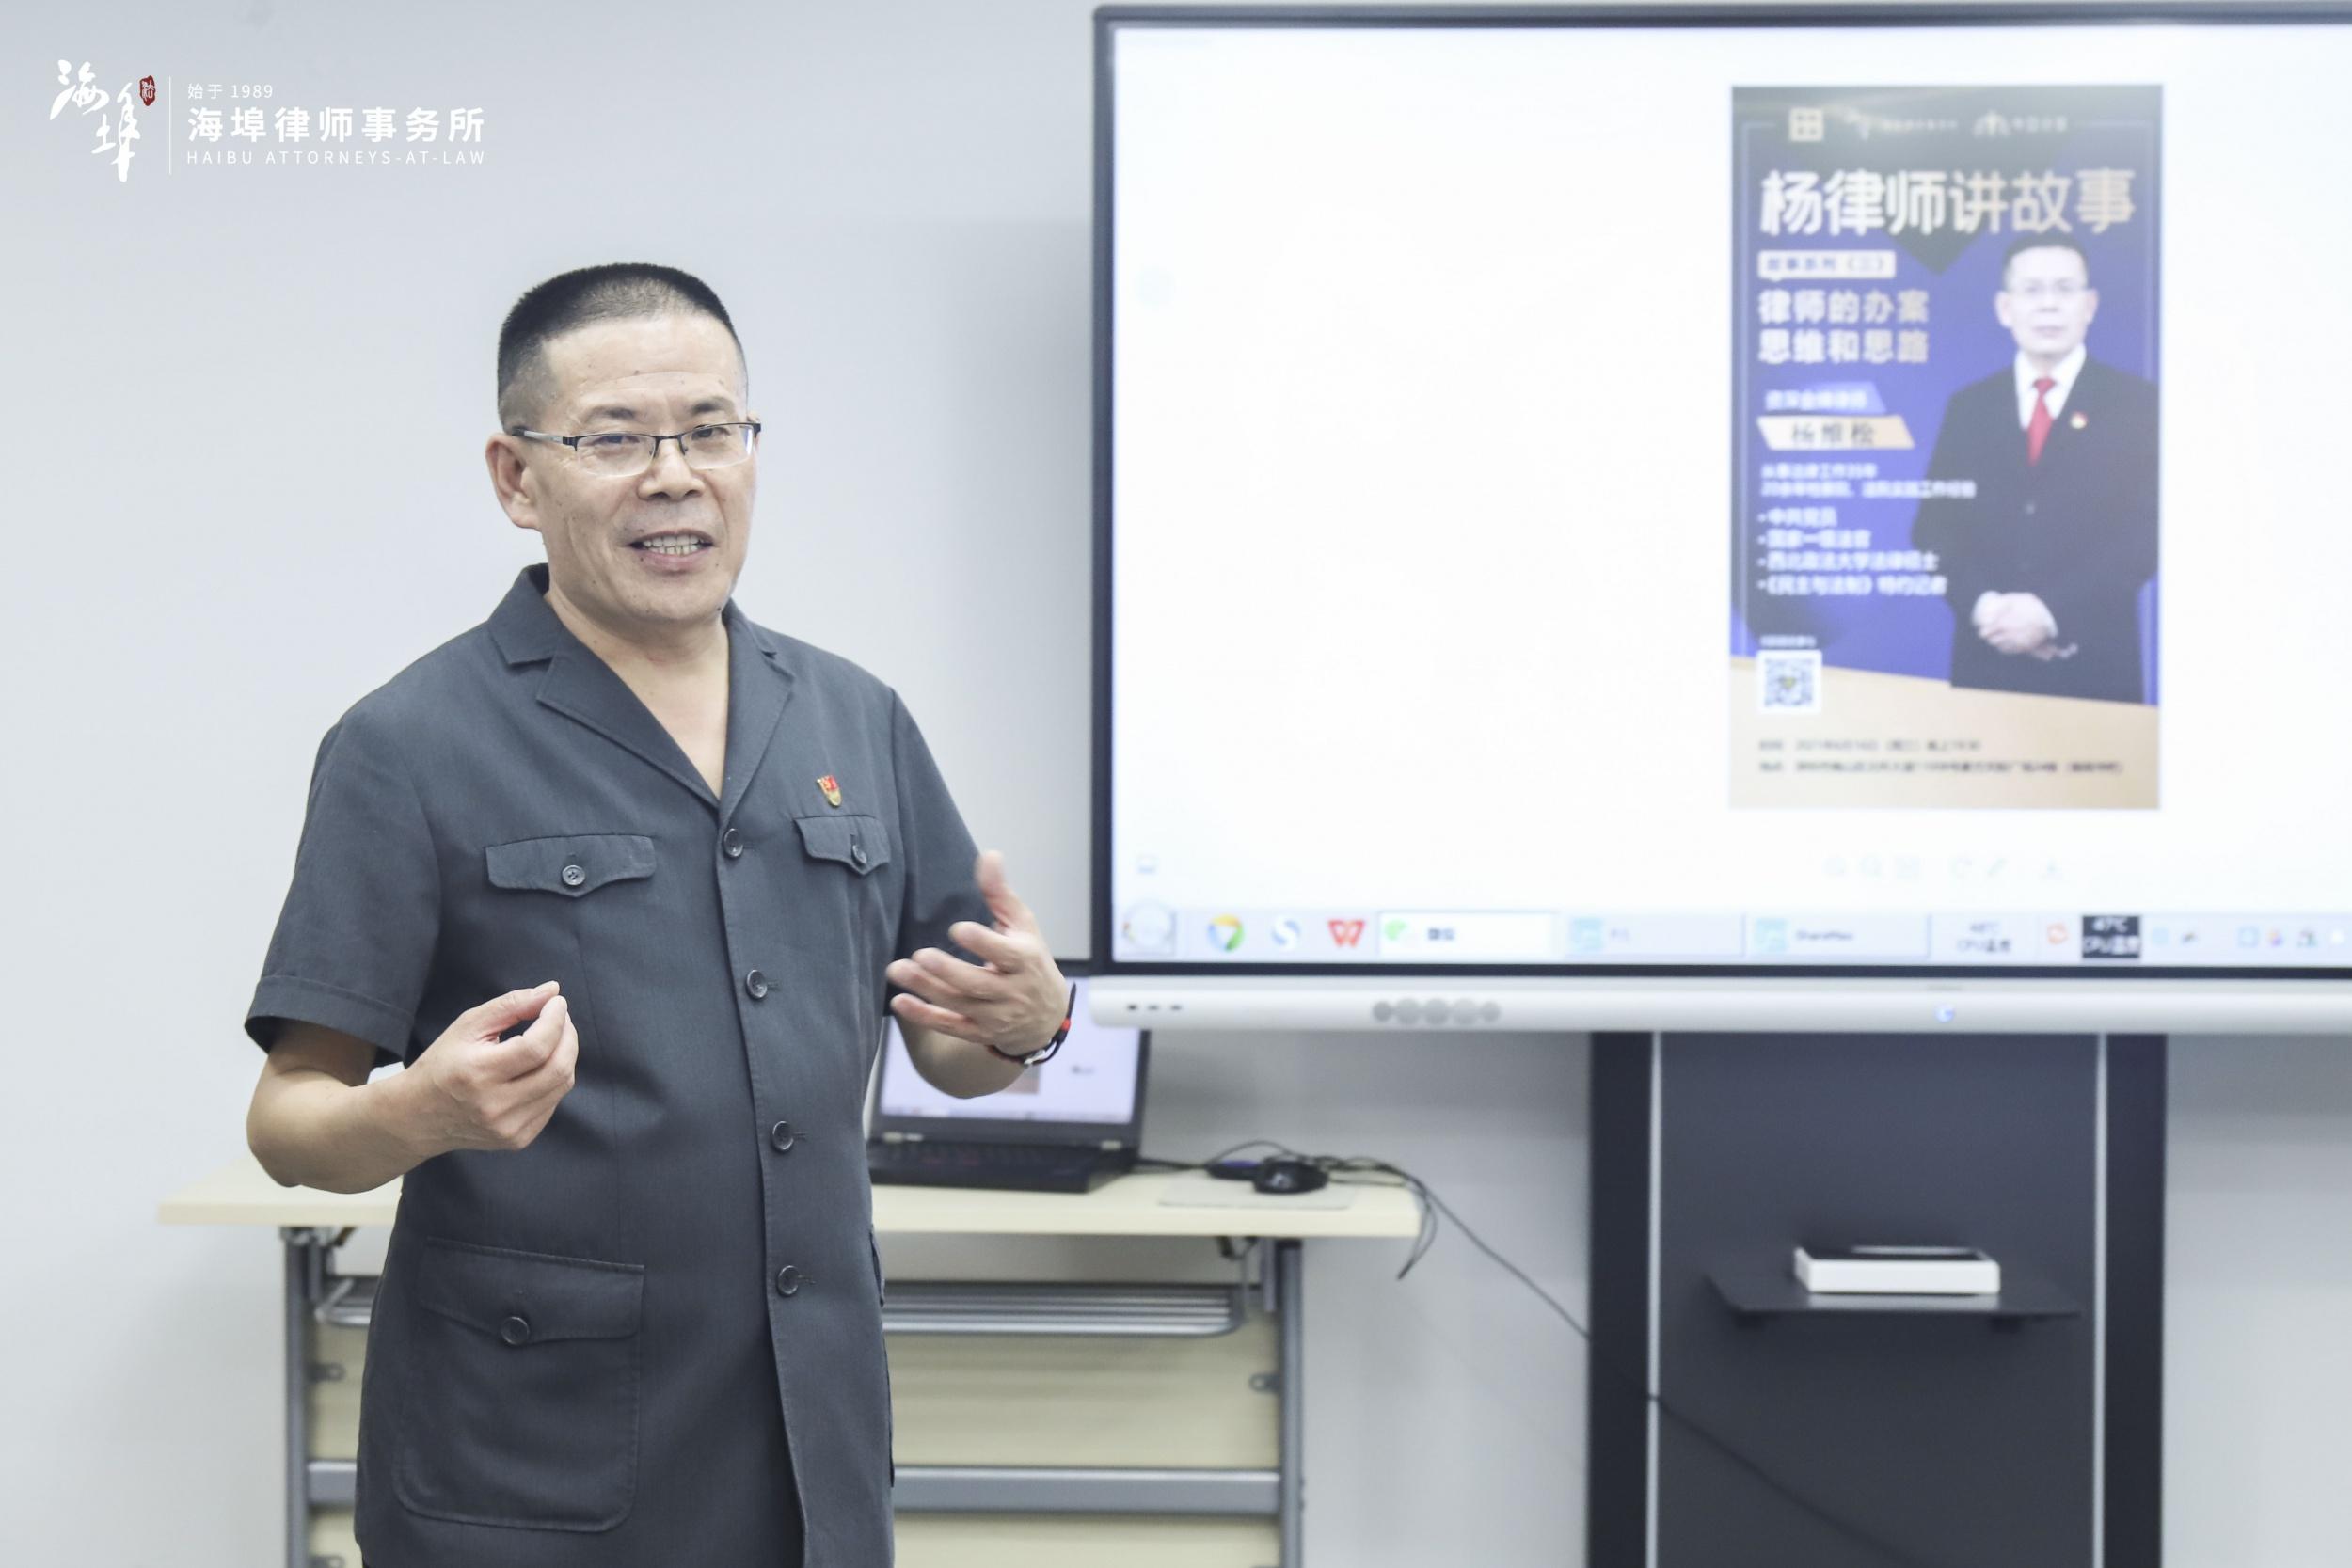 讲座回顾 | 杨维松律师:律师的办案思维与思路